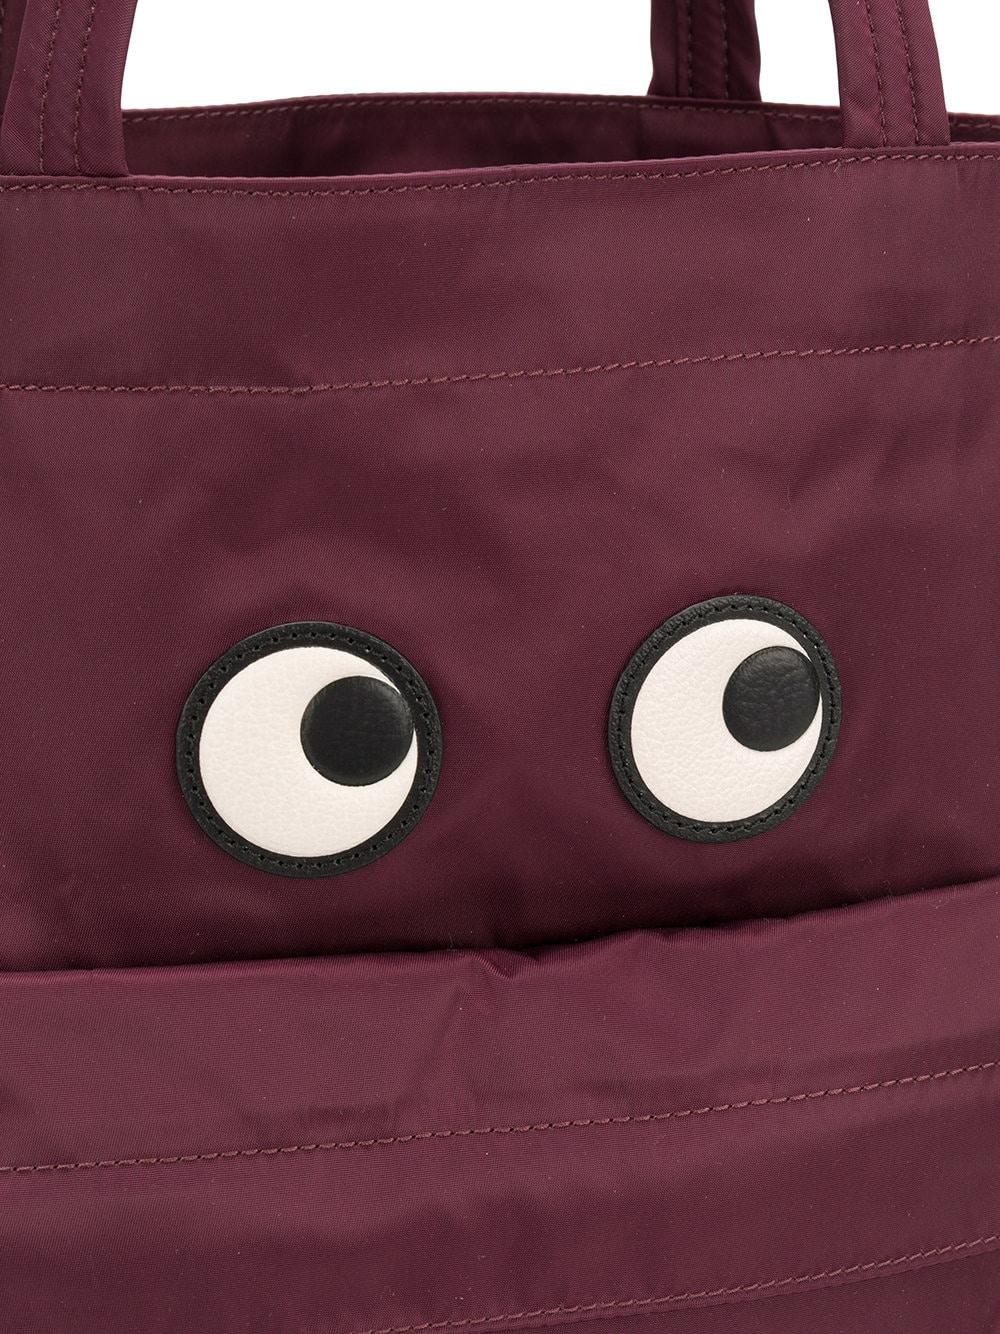 Anya Hindmarch Synthetik 'Eyes' Handtasche in Lila OLxaU